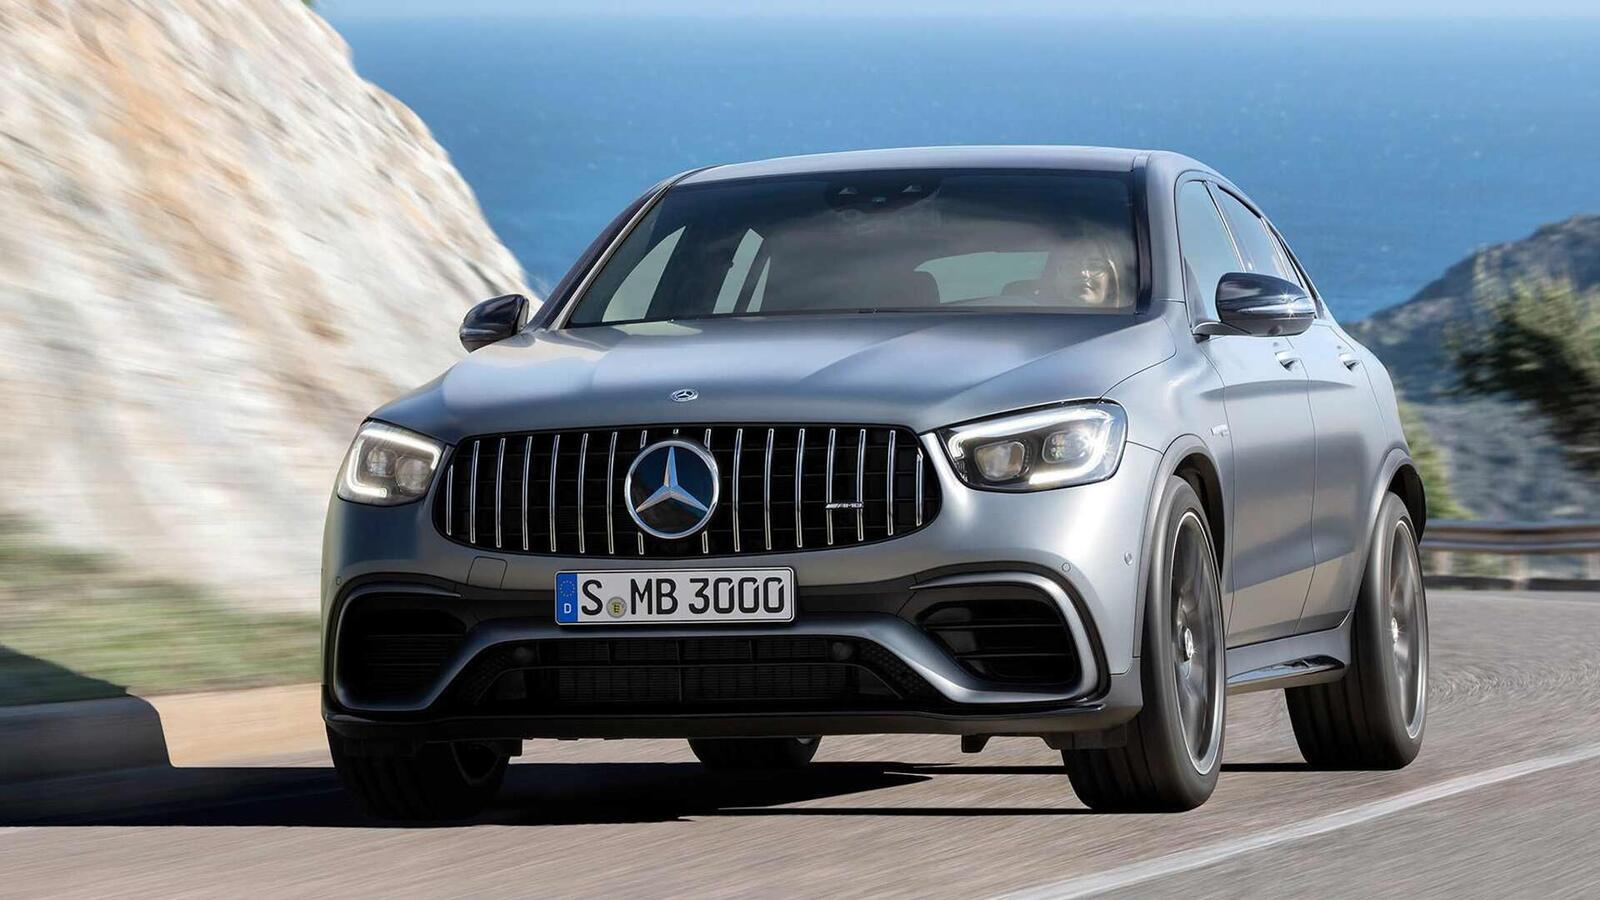 Mercedes-AMG giới thiệu GLC và GLC Coupe 63 mới lắp động cơ V8 4.0L Biturbo mạnh hơn 460 mã lực - Hình 2